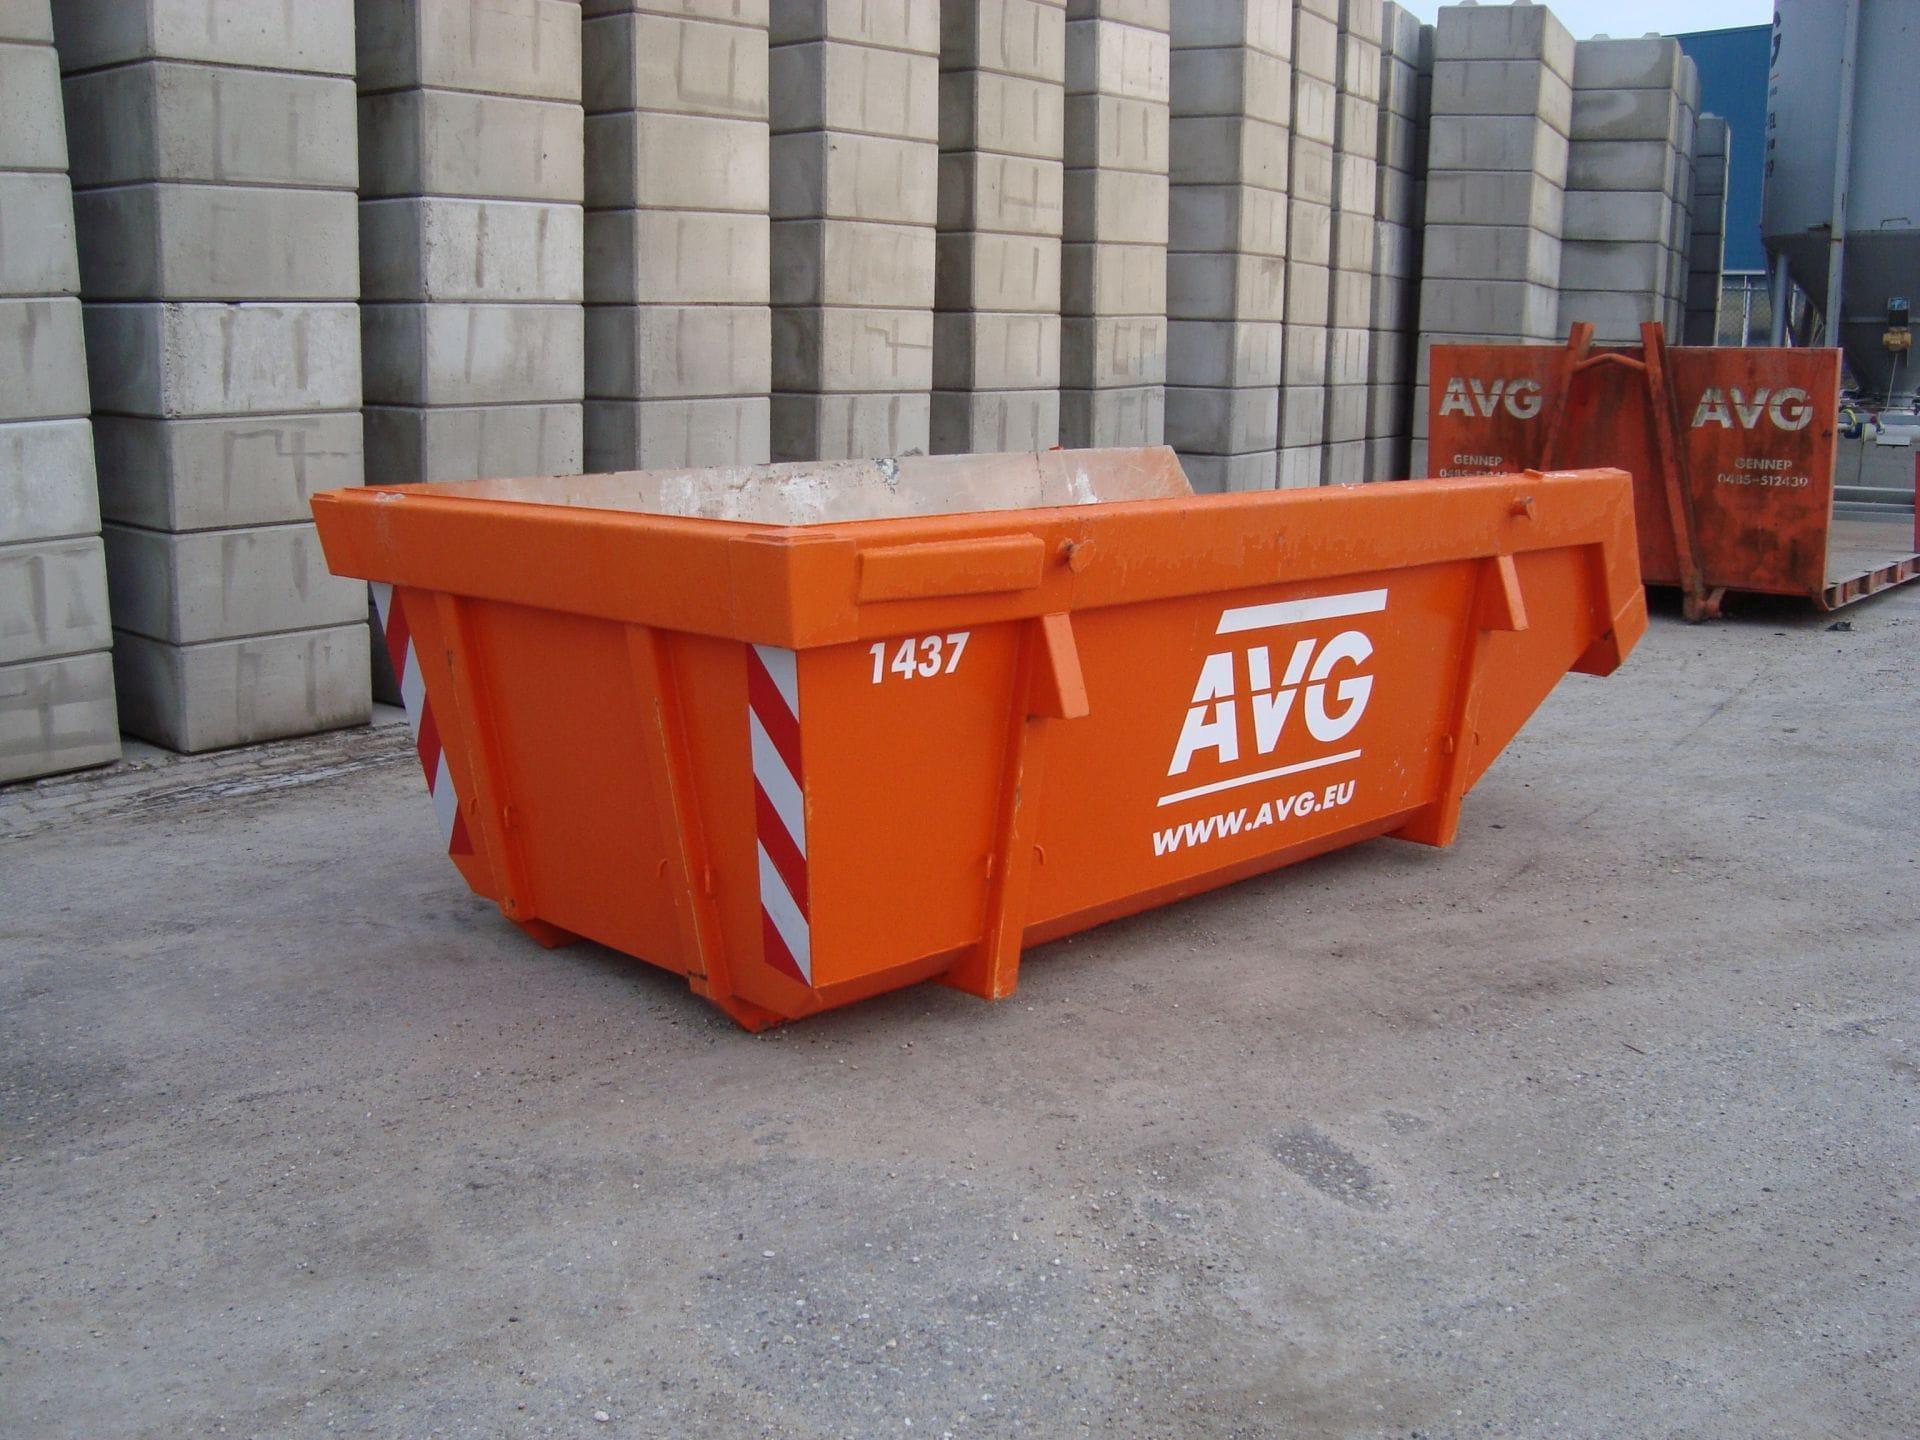 kleine-container-10-avg-bouwstoffen